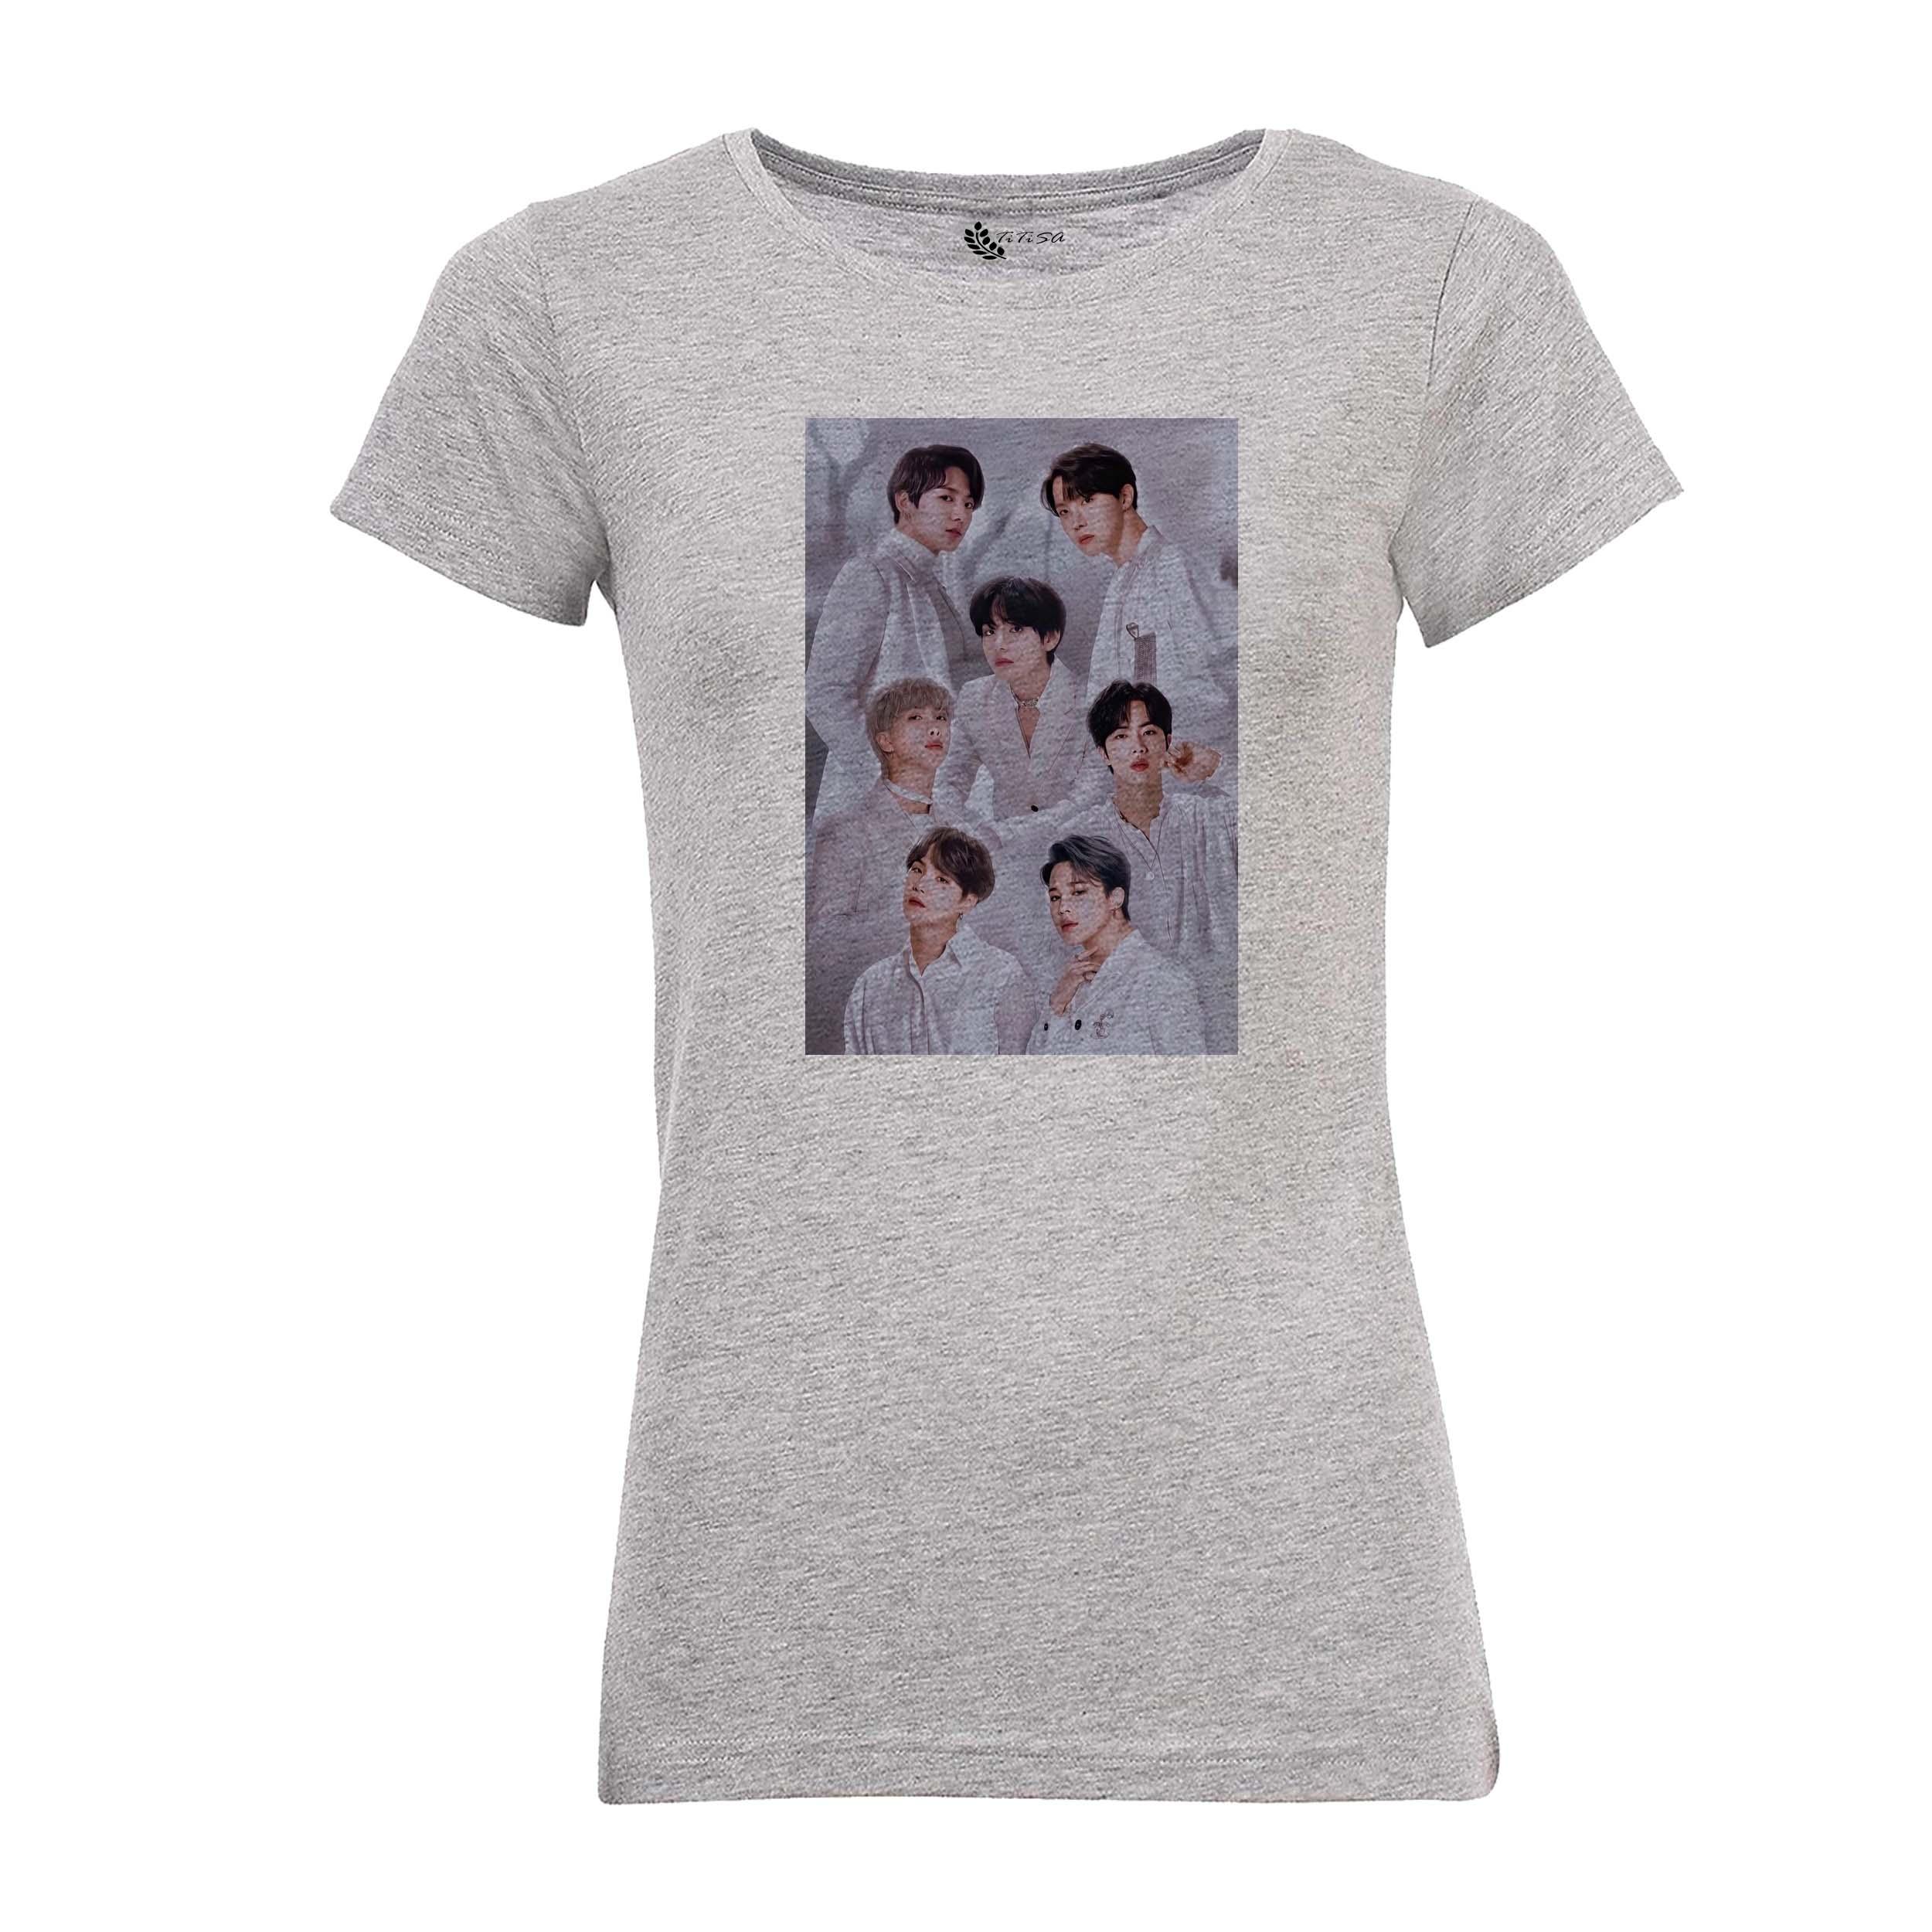 تی شرت زنانه مدل BTS